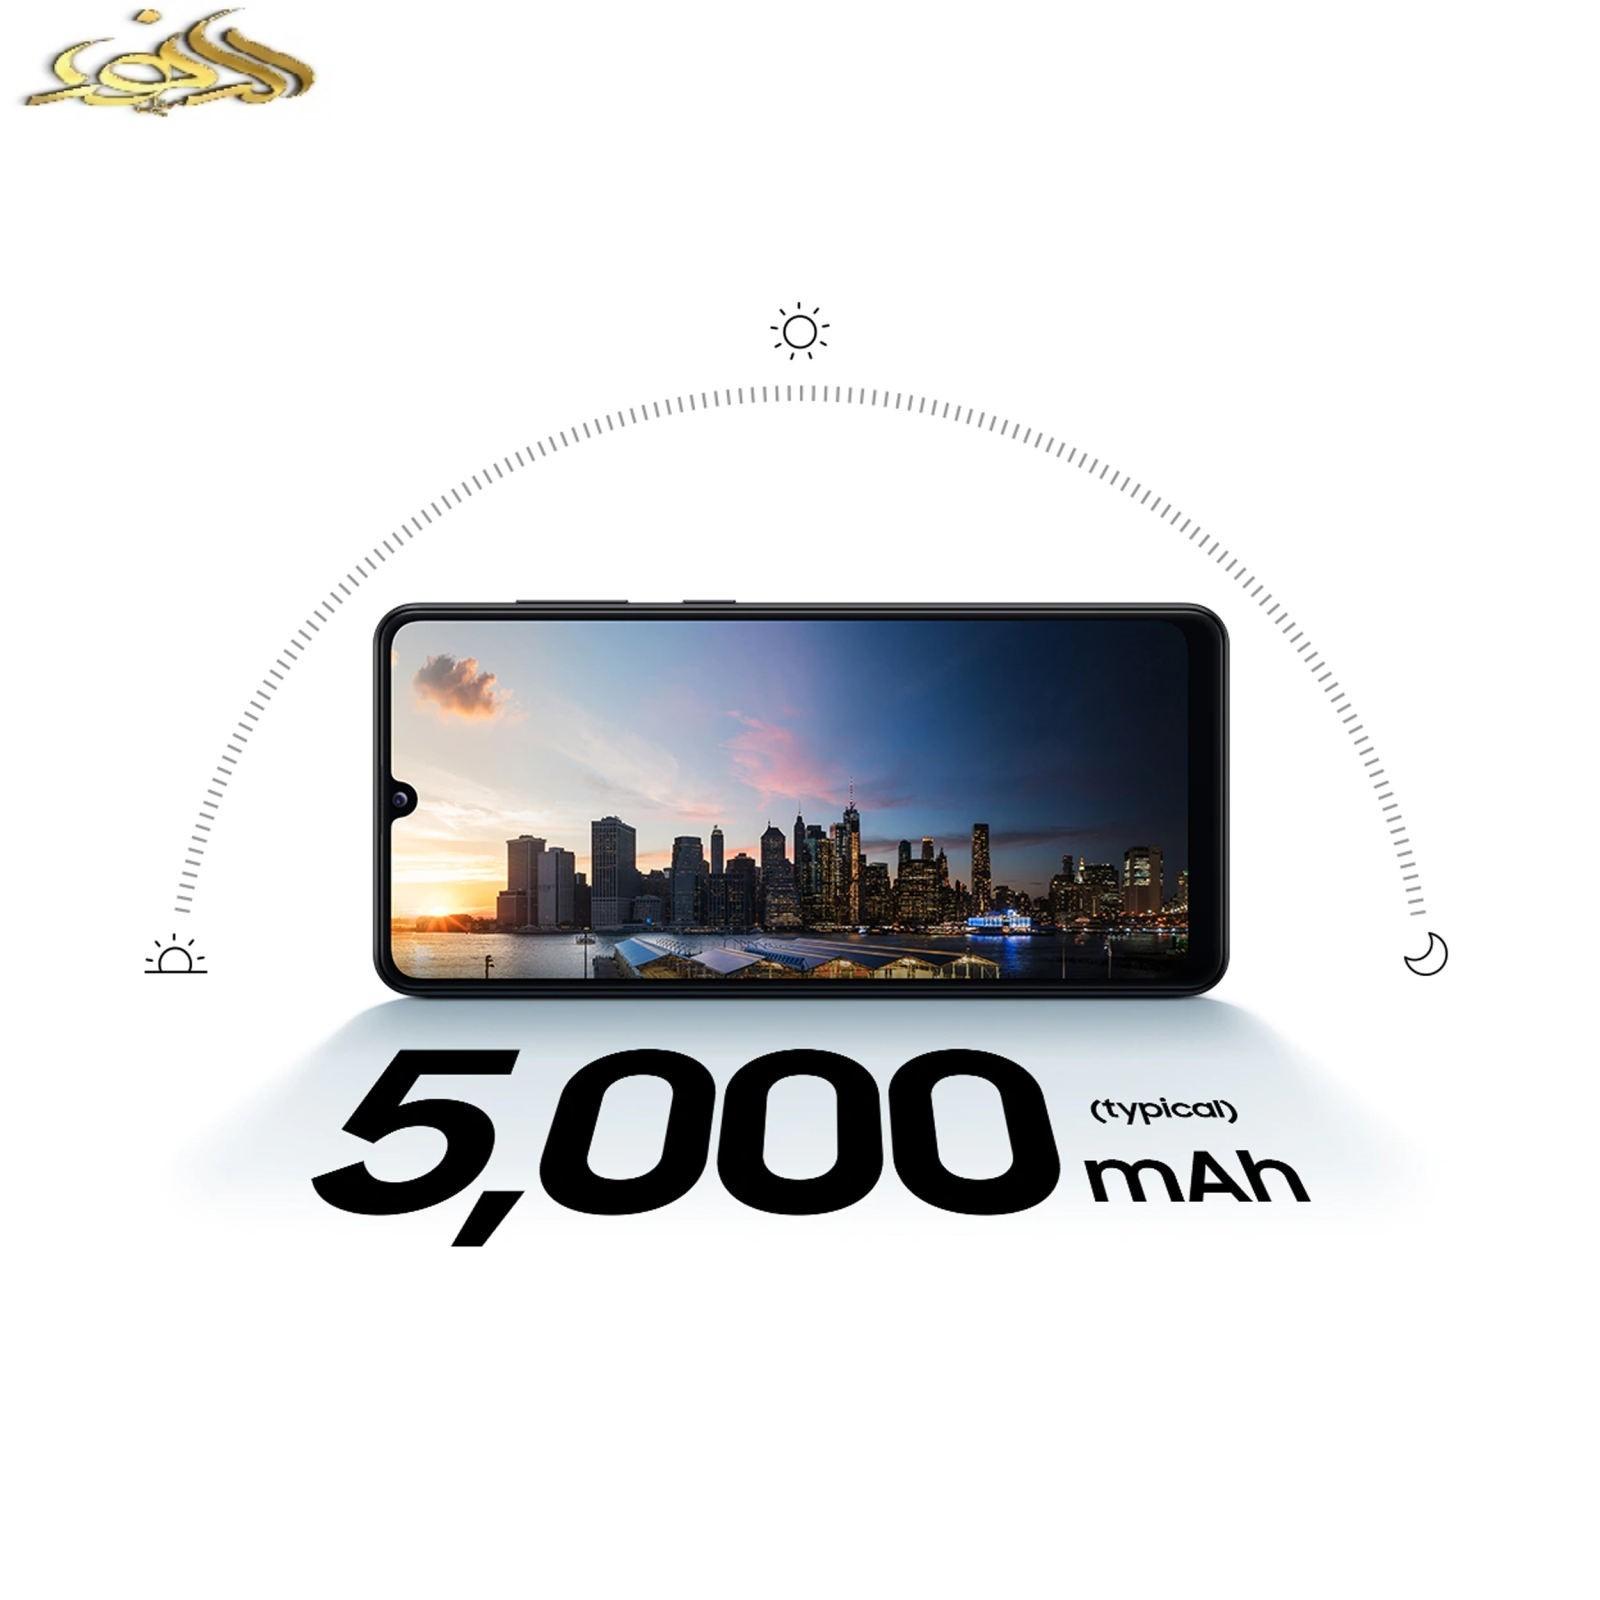 گوشی موبایل سامسونگ مدل Galaxy A31 SM-A315F/DS دو سیم کارت ظرفیت 128 گیگابایت حافظه داخلی و رم 6گیگابایت